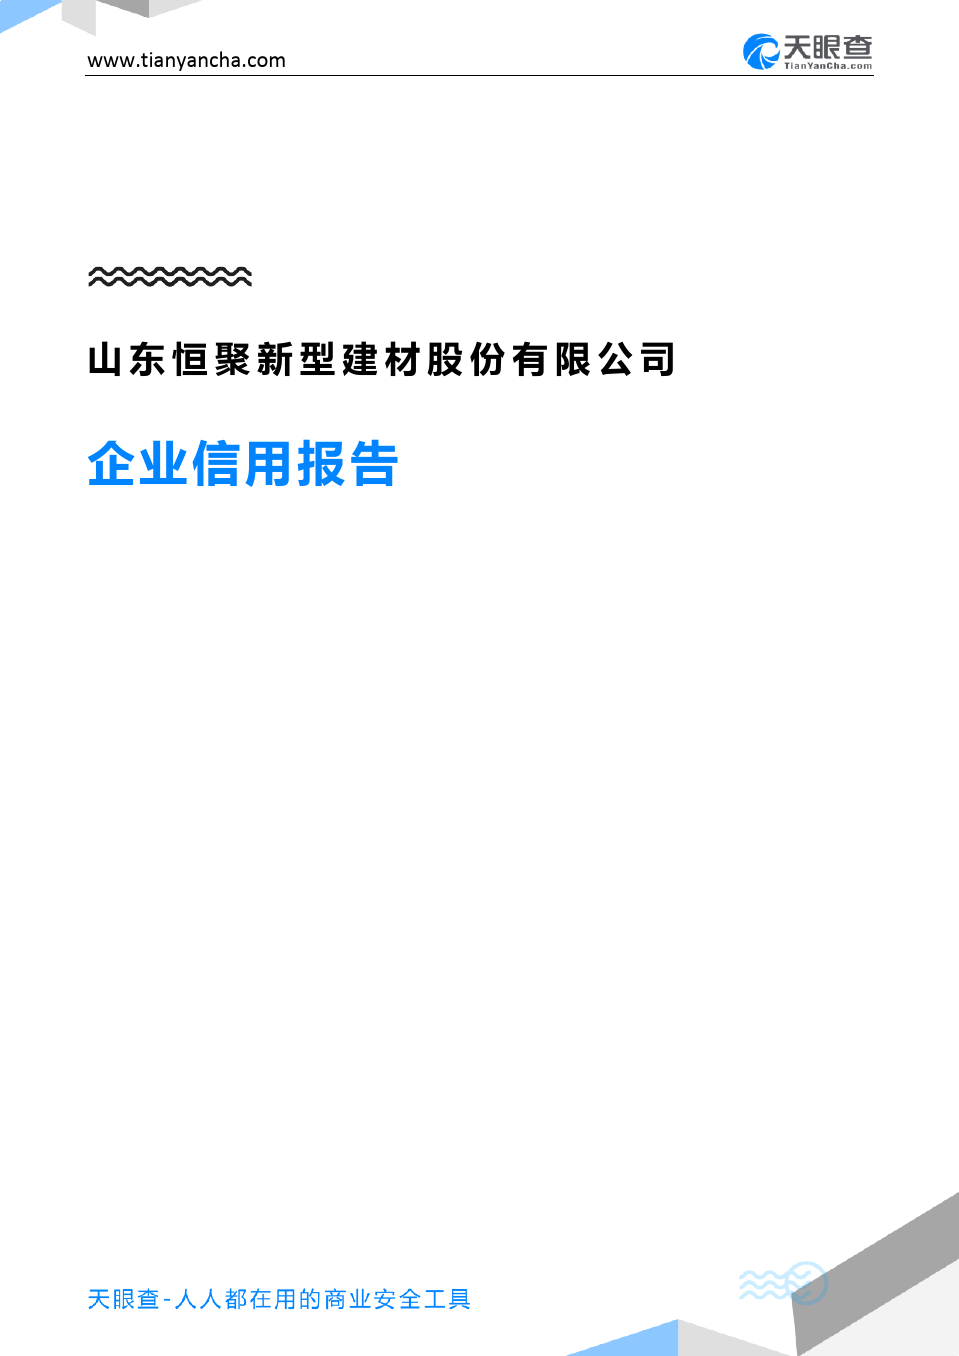 山东恒聚新型建材股份有限公司(企业信用报告)- 天眼查